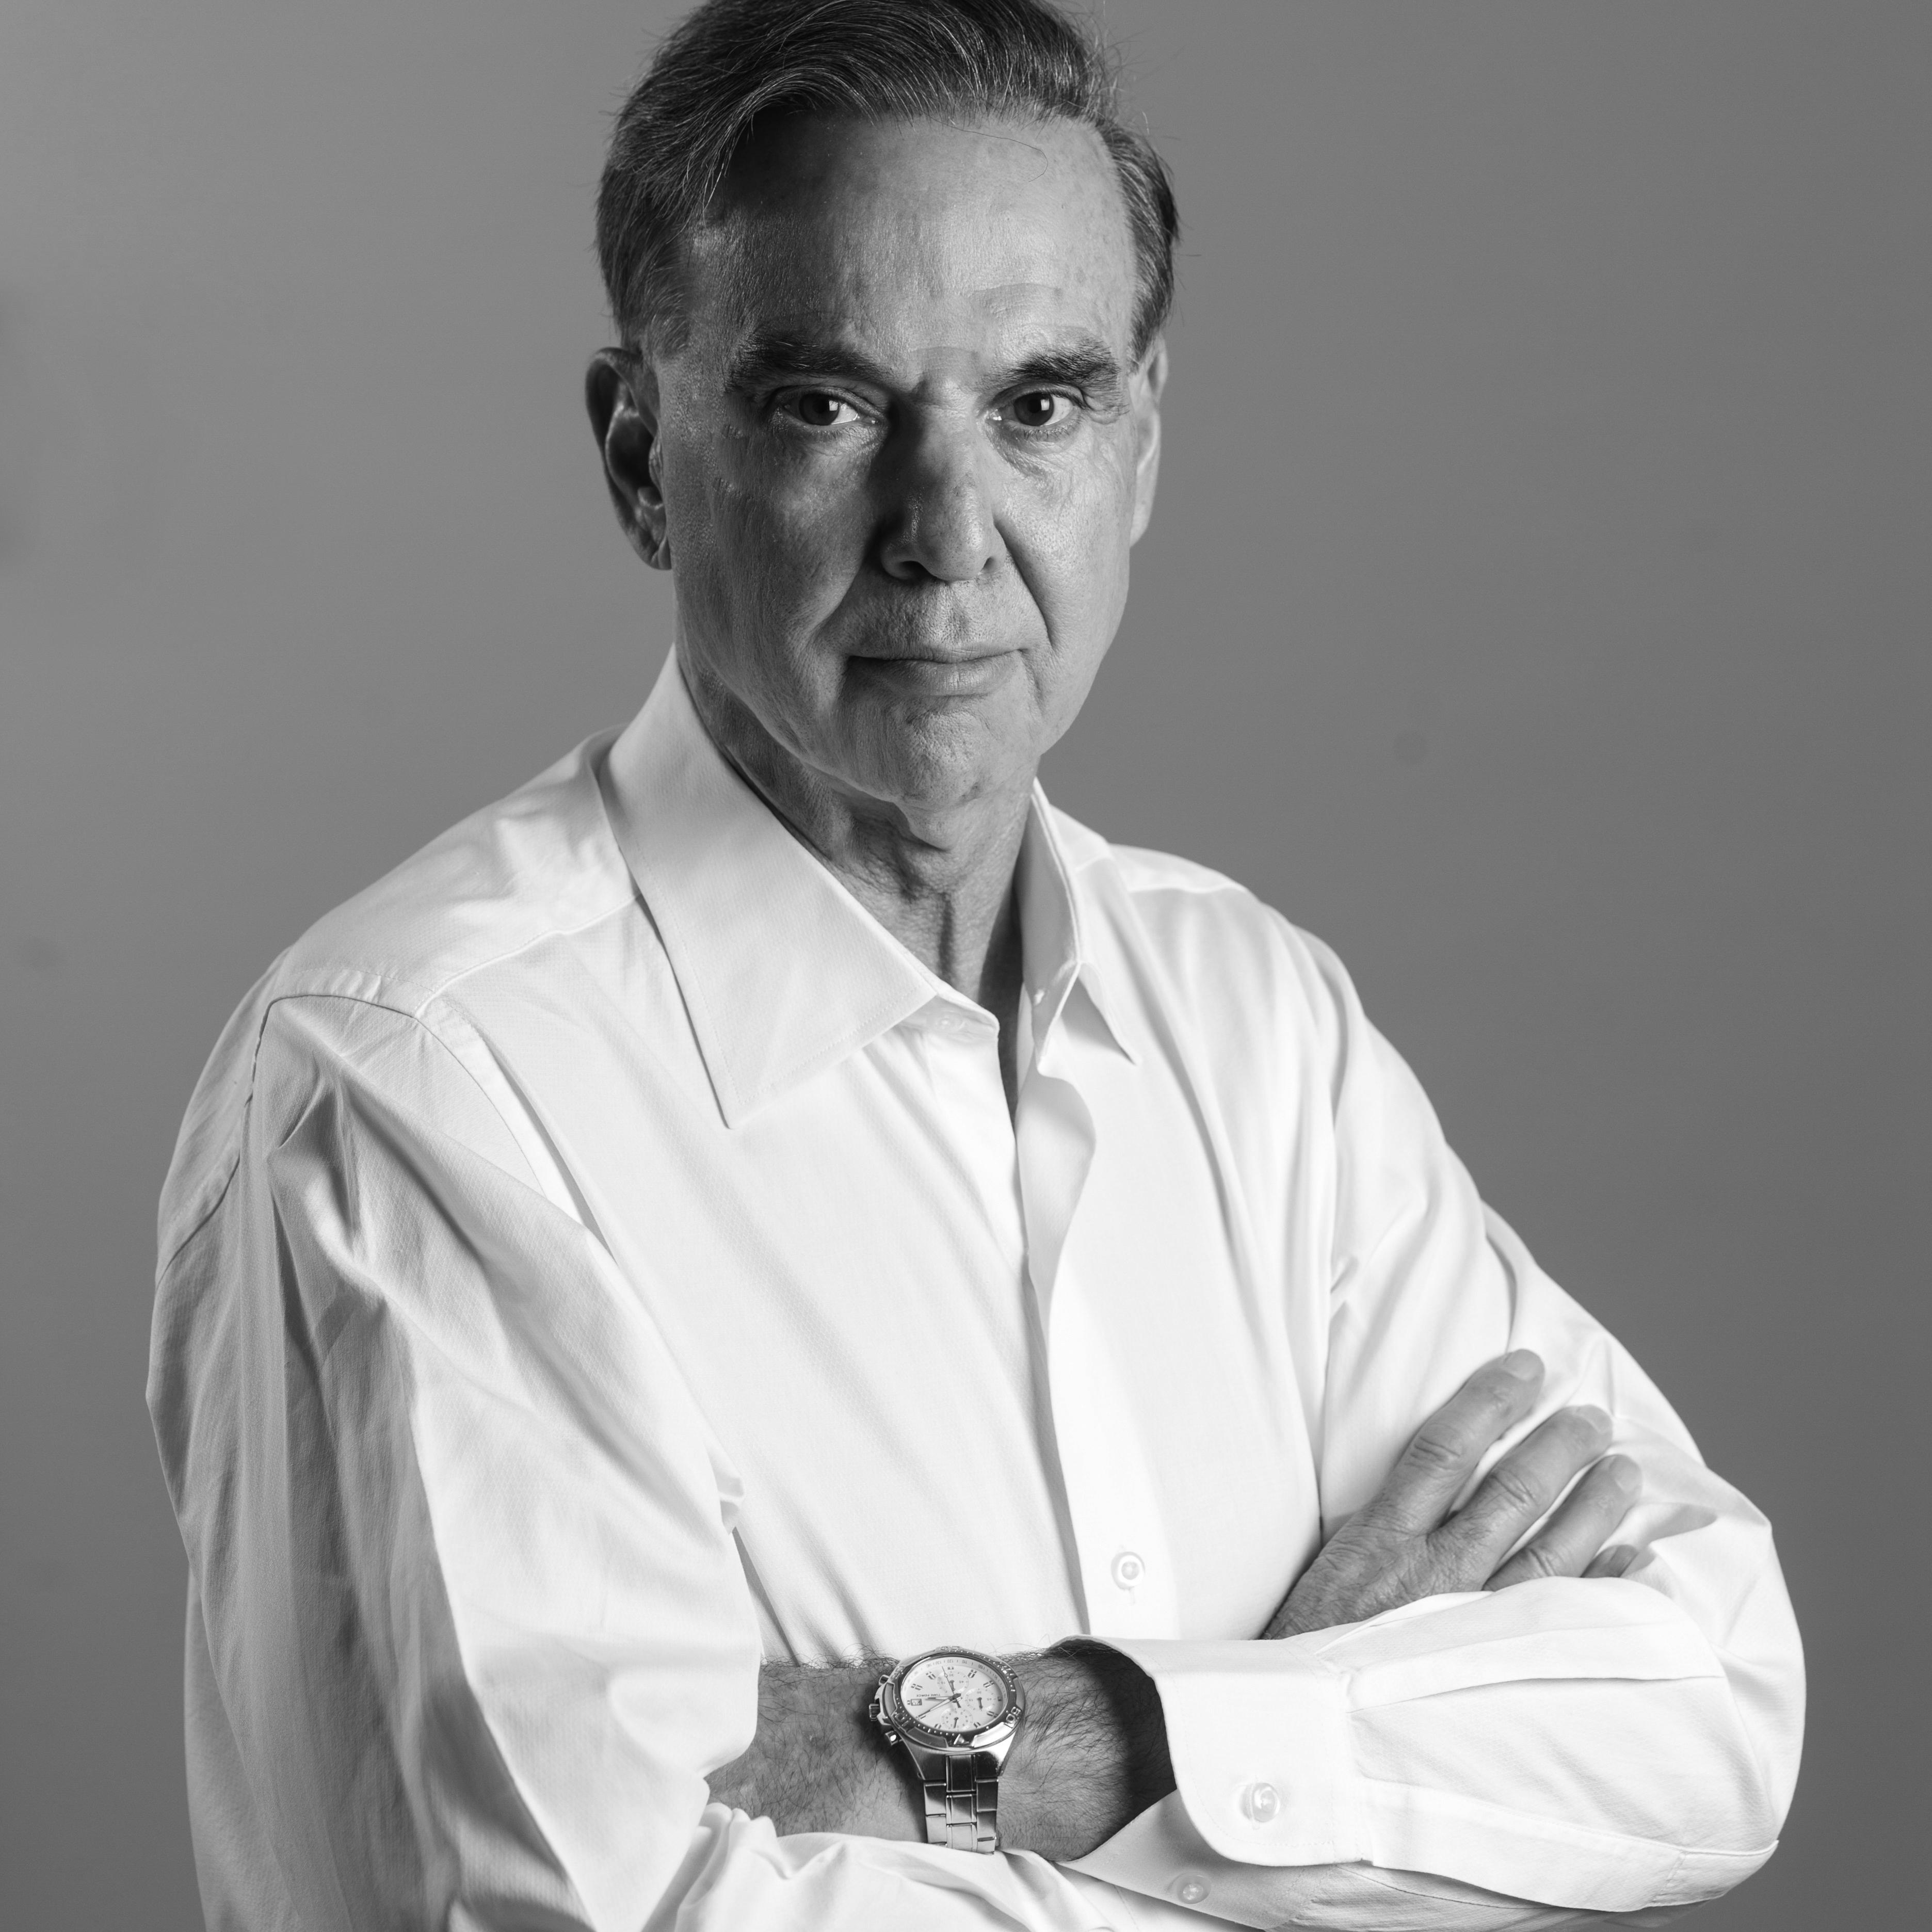 MIGUEL A. PICHETTO